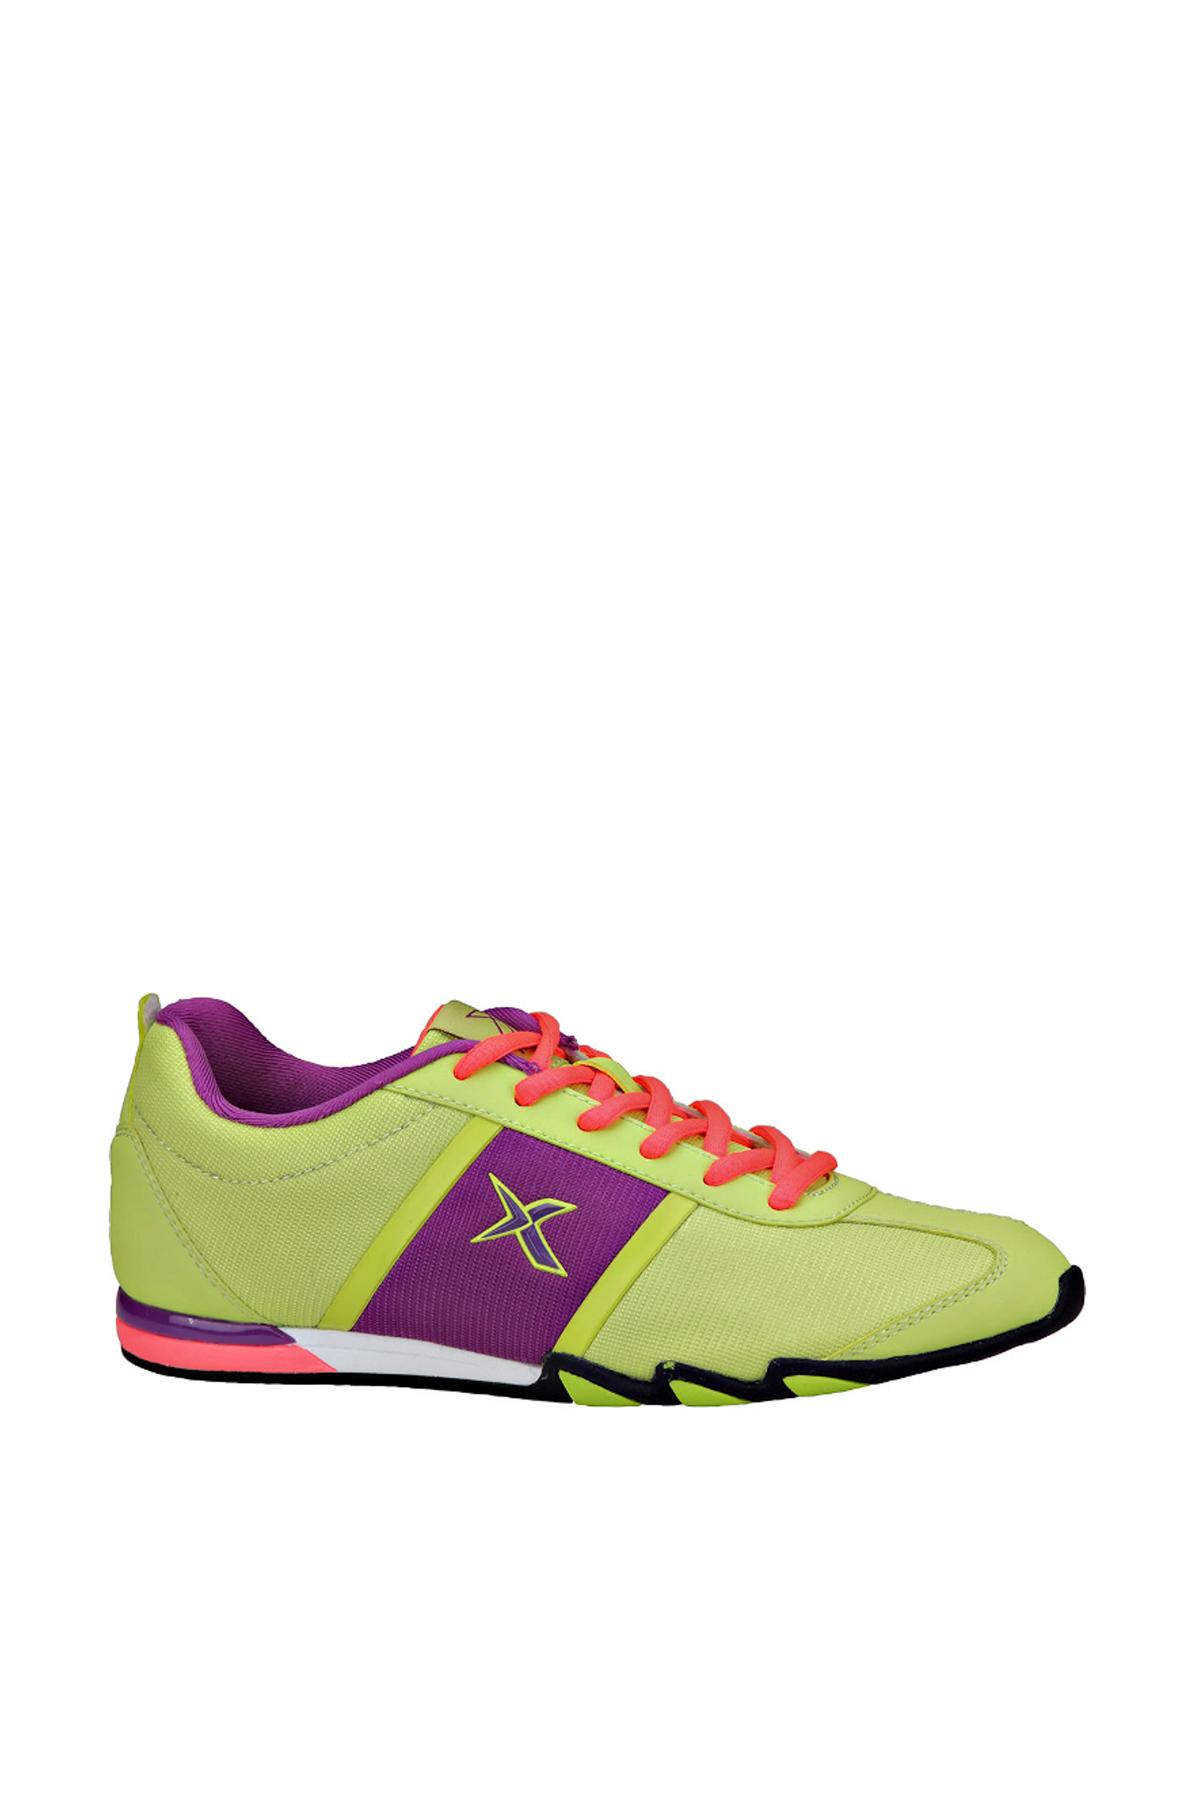 Kinetix 1235371 Yeşil Mor Pembe Kadın Fitness Ayakkabısı 100180970 1